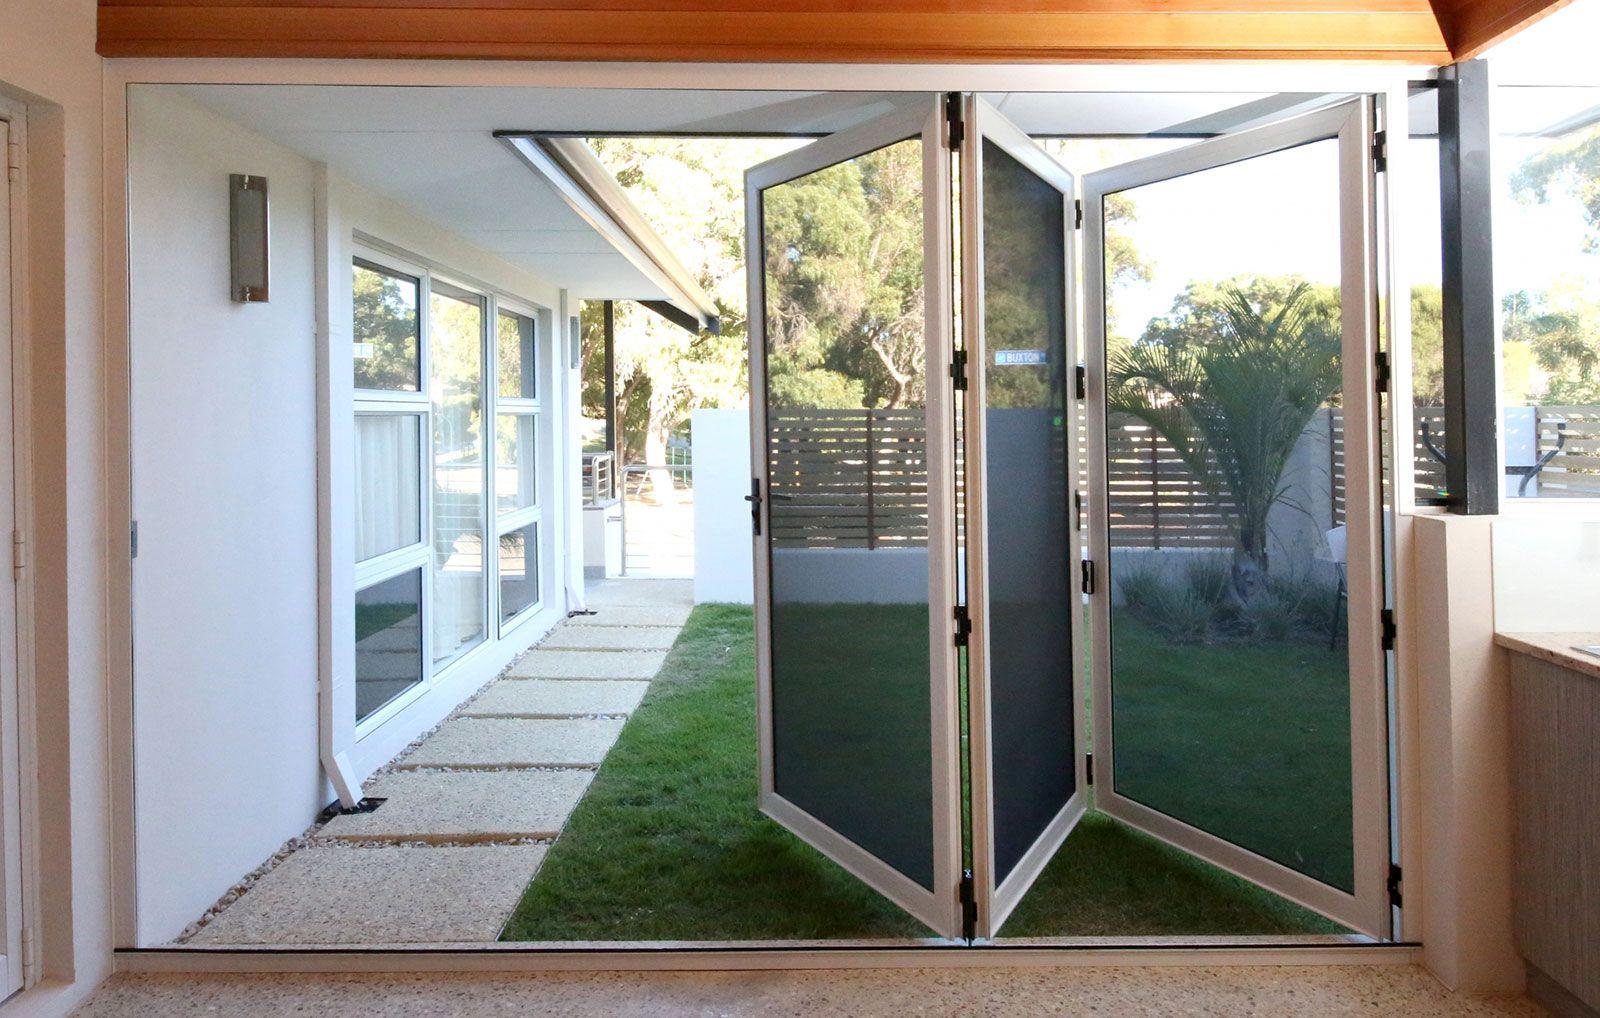 Crimsafe Bifold Doors Clearview Security Double Patio Doors Folding Patio Doors Patio Screen Door